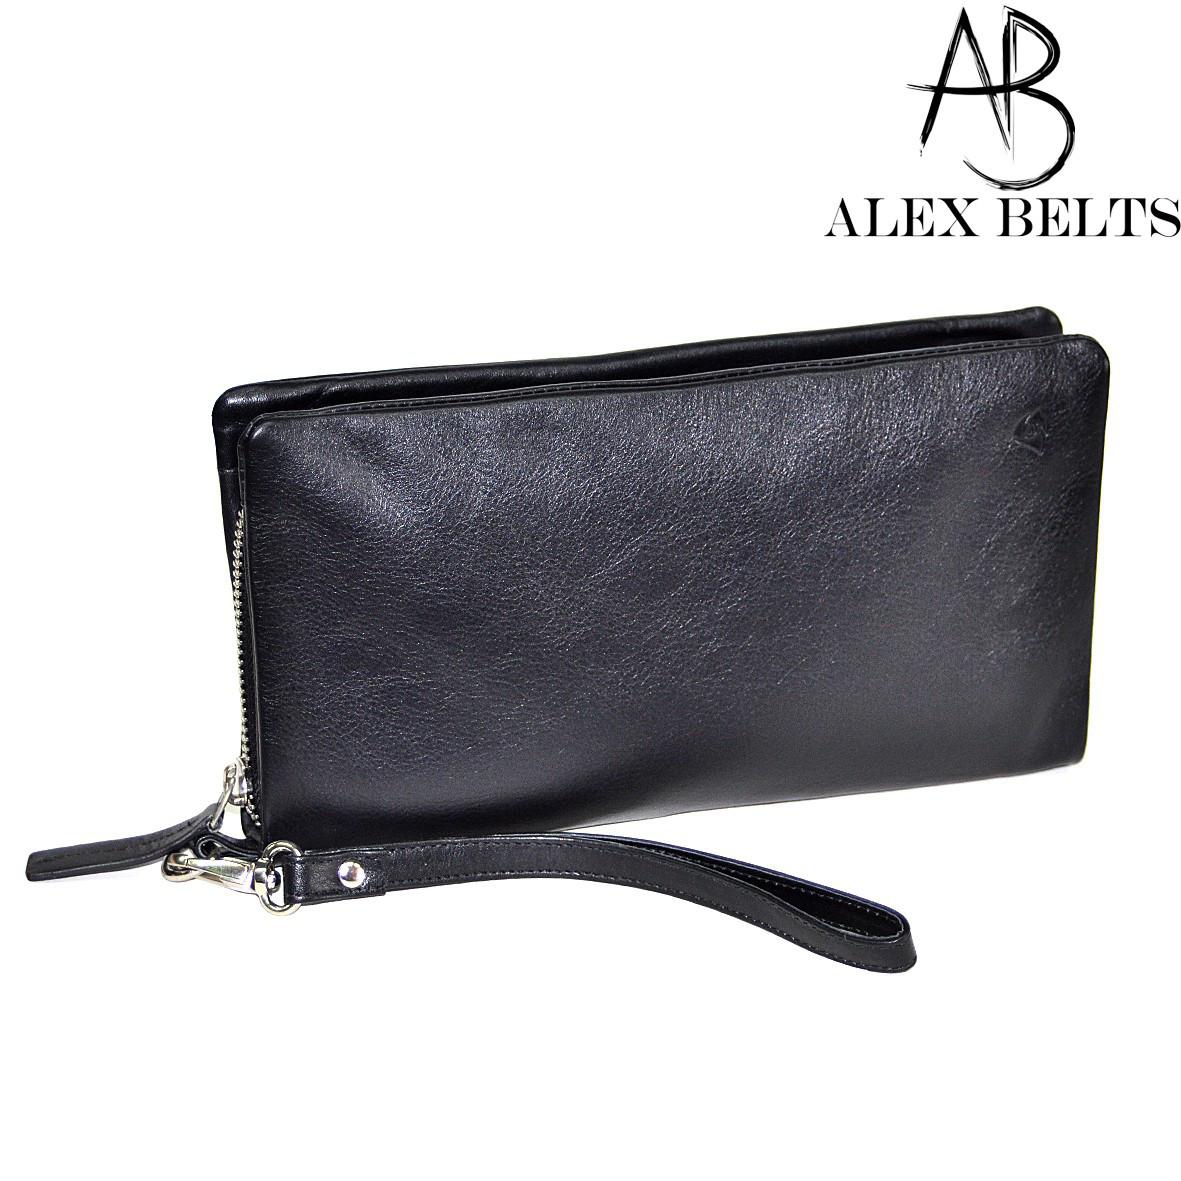 4c2a01b63d3a Мужской портмоне-клатч (черный) натуральная кожа-купить оптом в Одессе -  ALEXBELTS